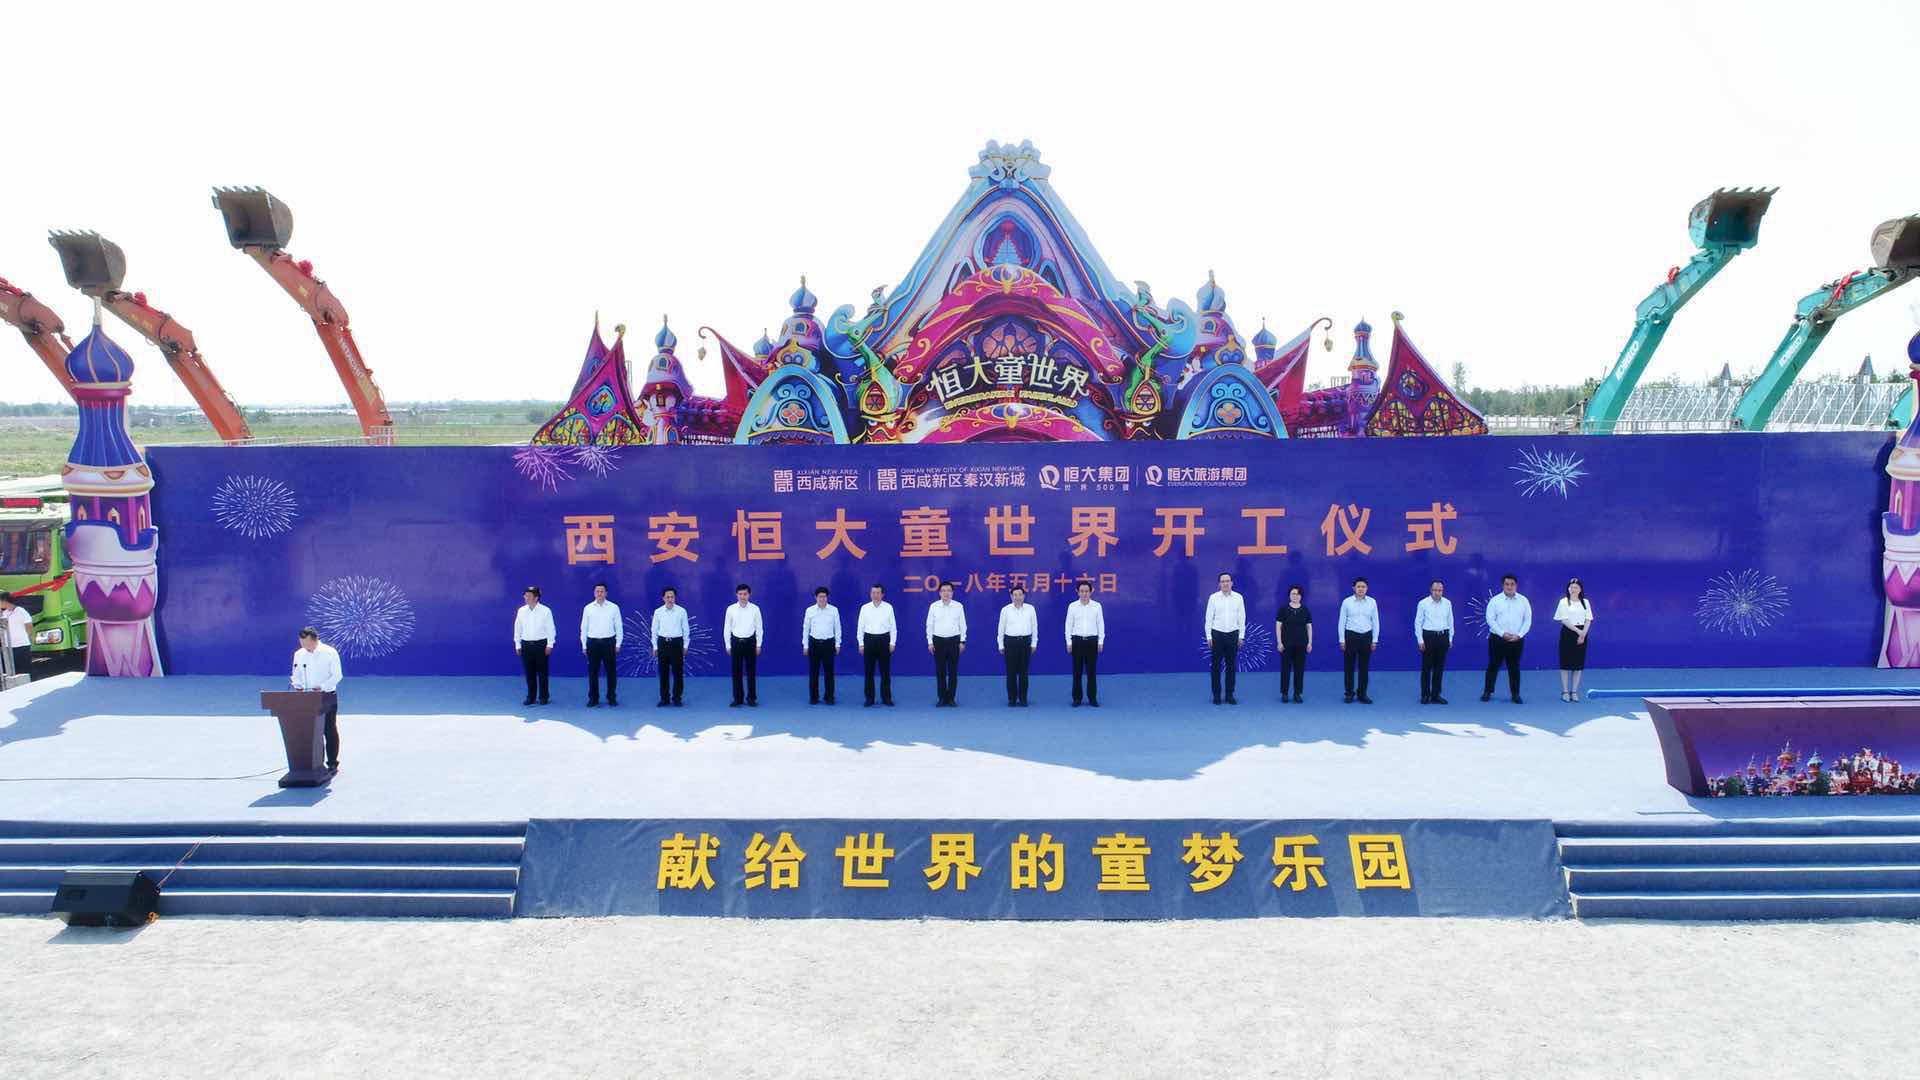 西安恒大童世界开工背后:向世界讲好中国故事